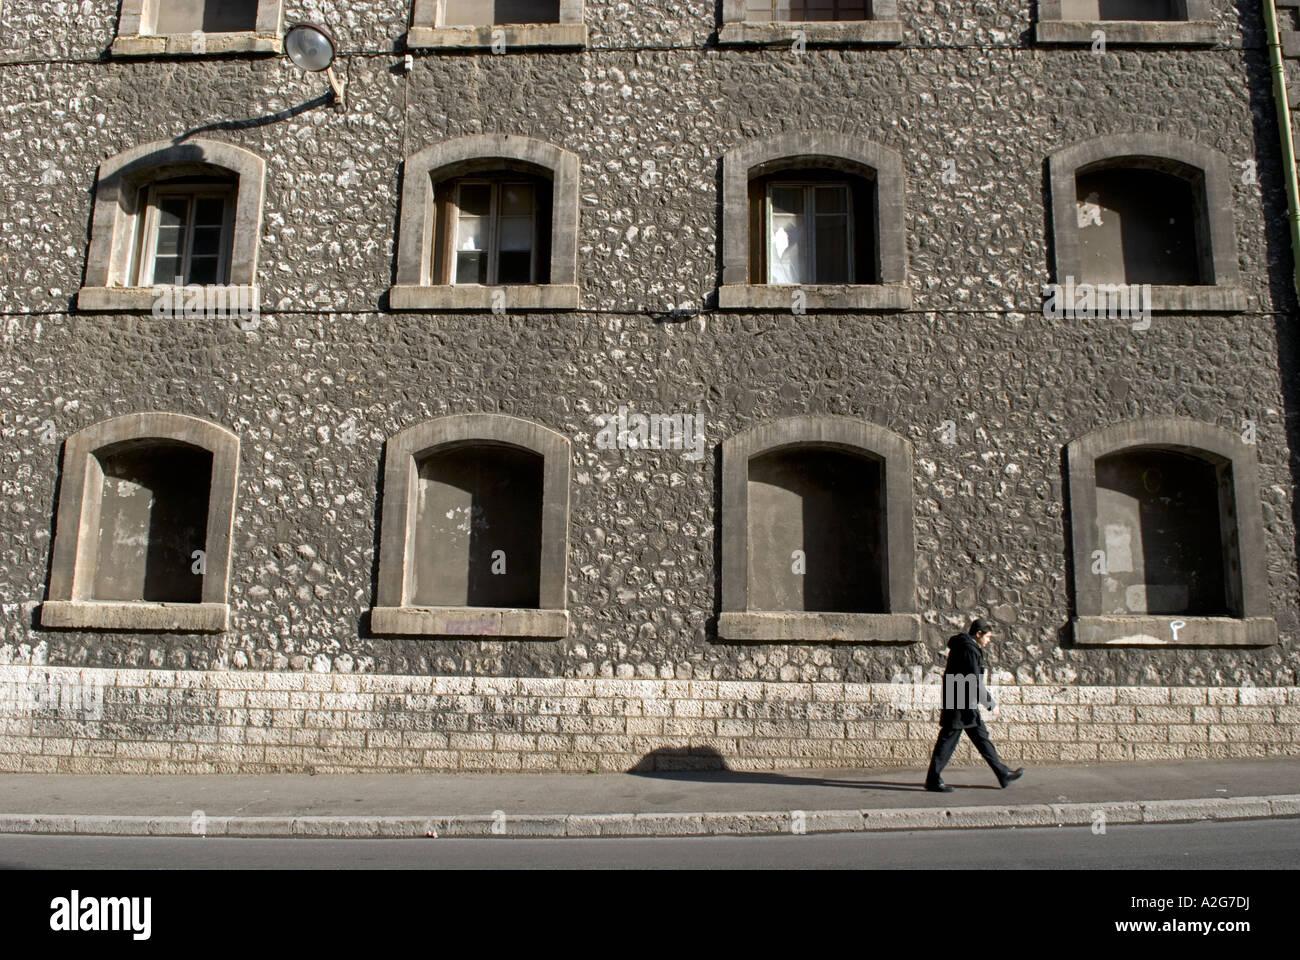 323 eine junge französische männliche Spaziergänge vor der Fassade eines alten Lagers Stockbild